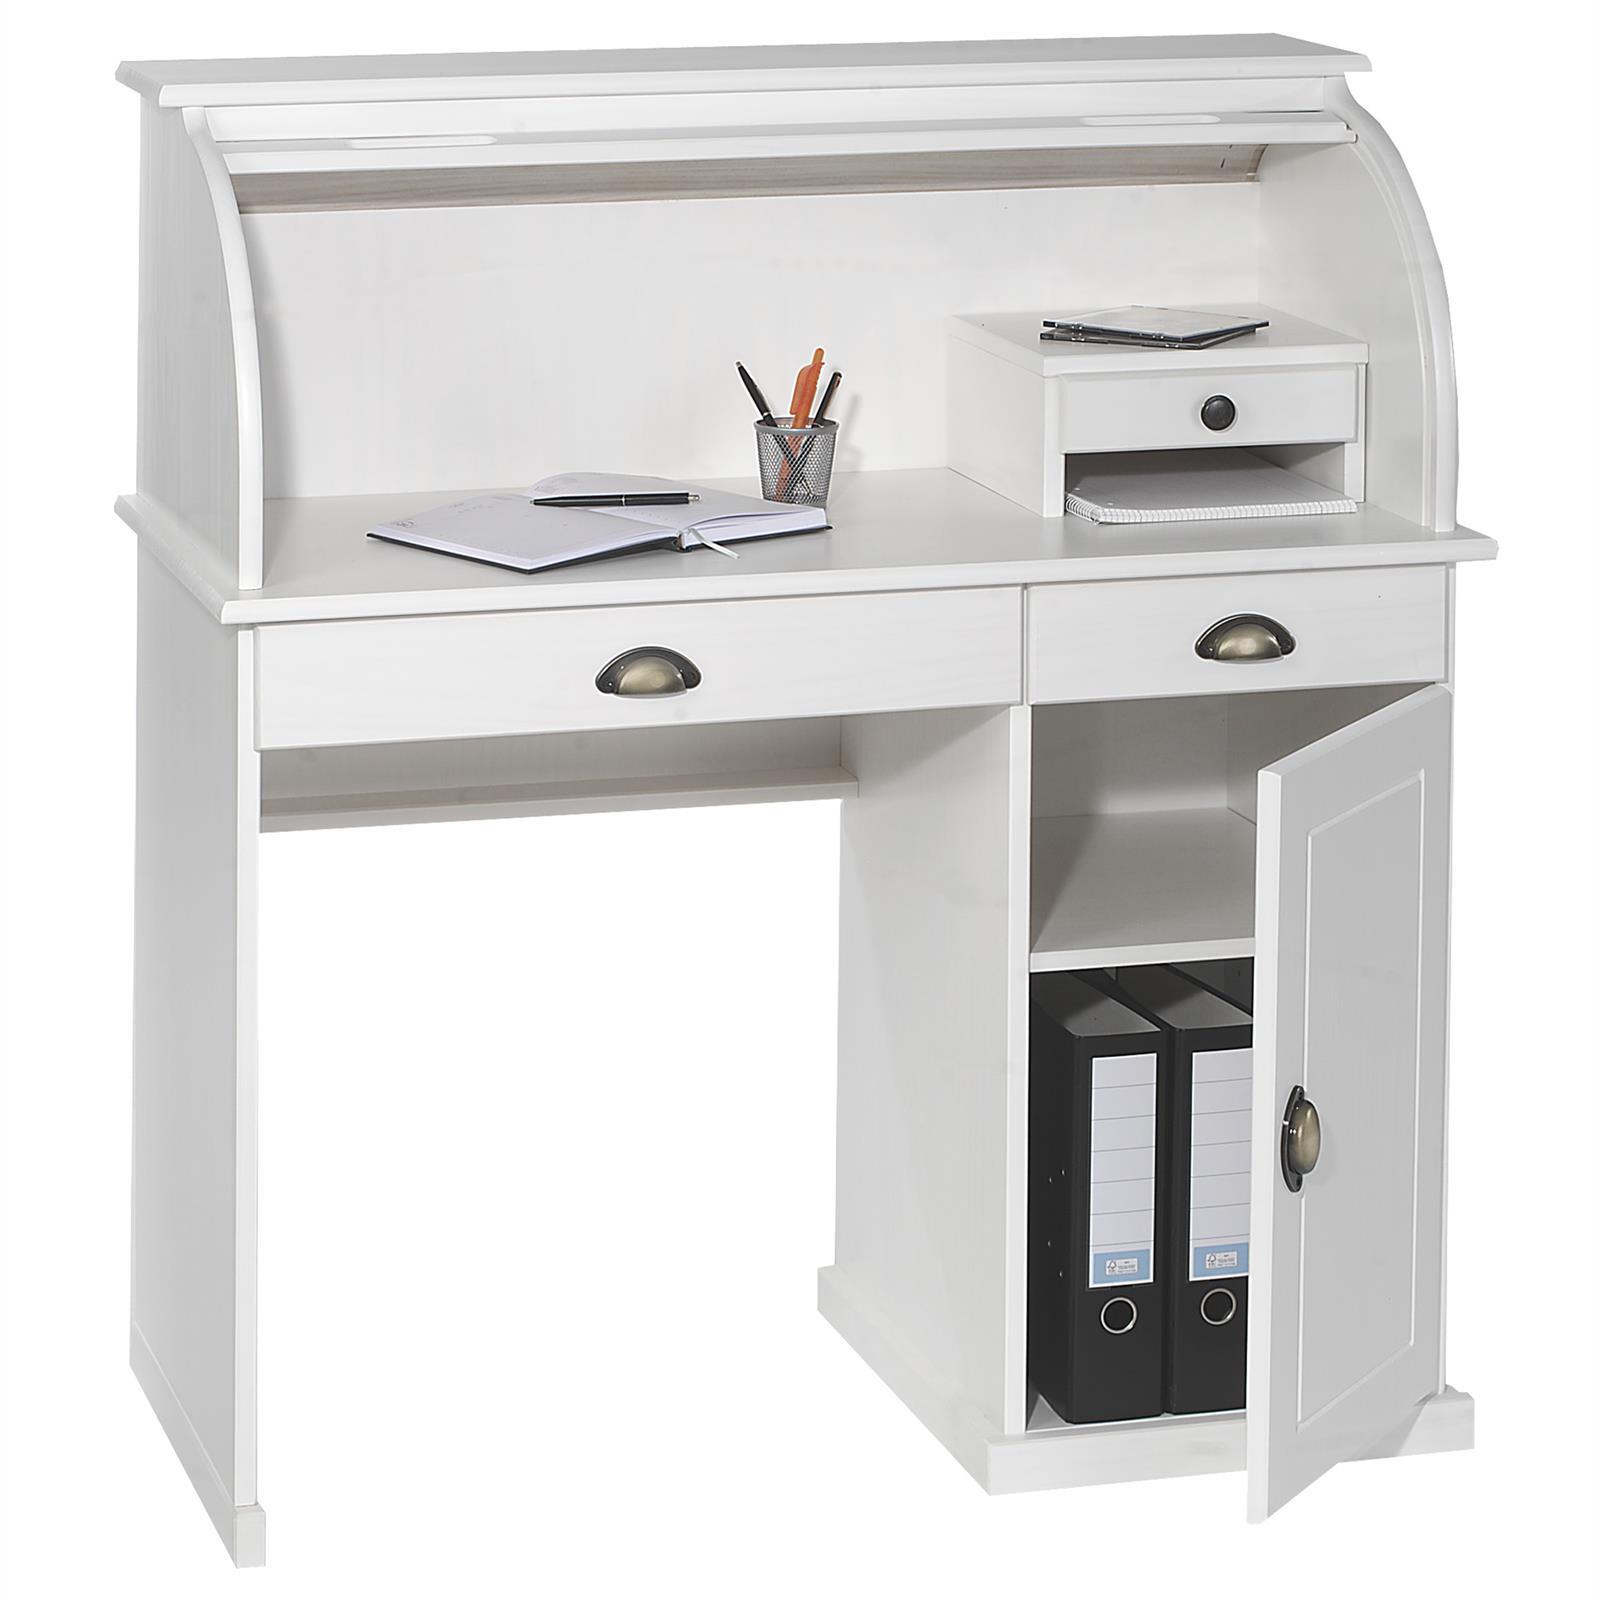 Bureau secr taire dallas lasur blanc mobil meubles for Bureau secretaire blanc